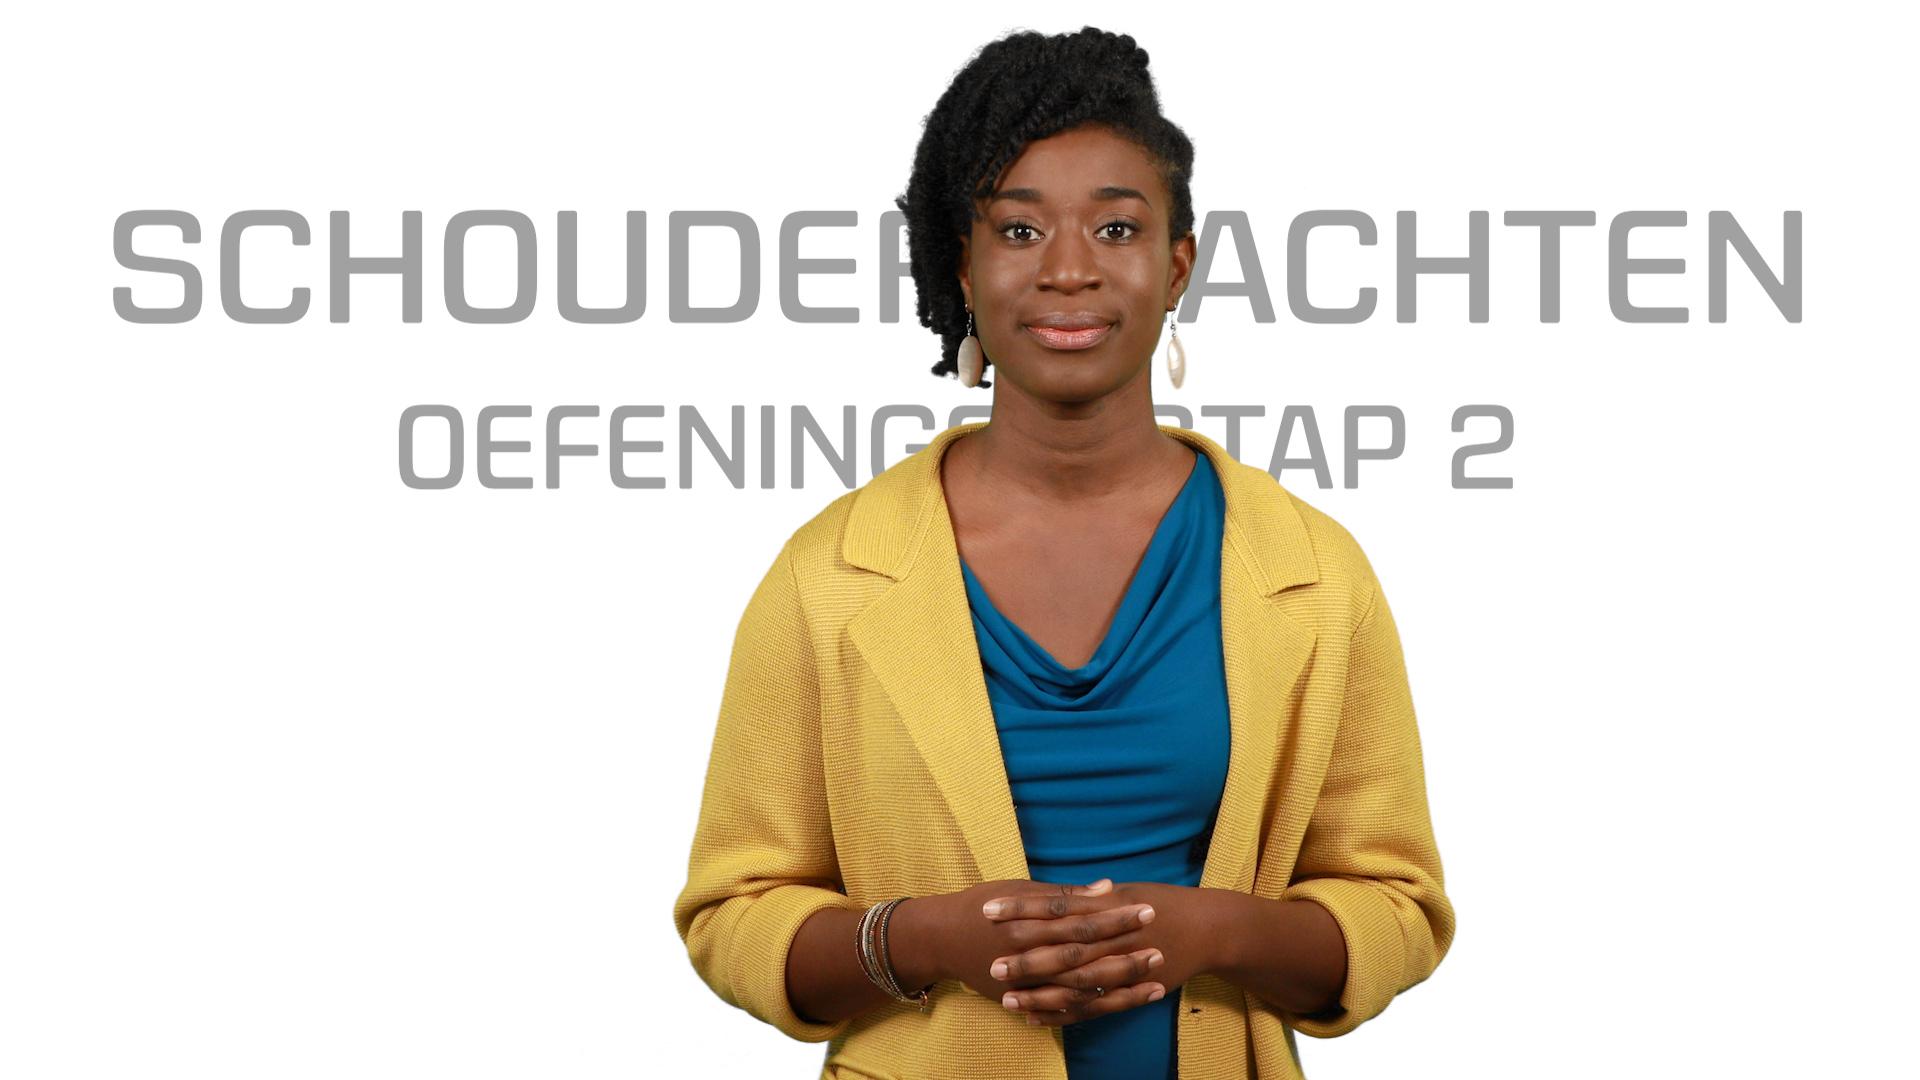 Bekijk de video: Schouderklachten Oefeningen STAP 2